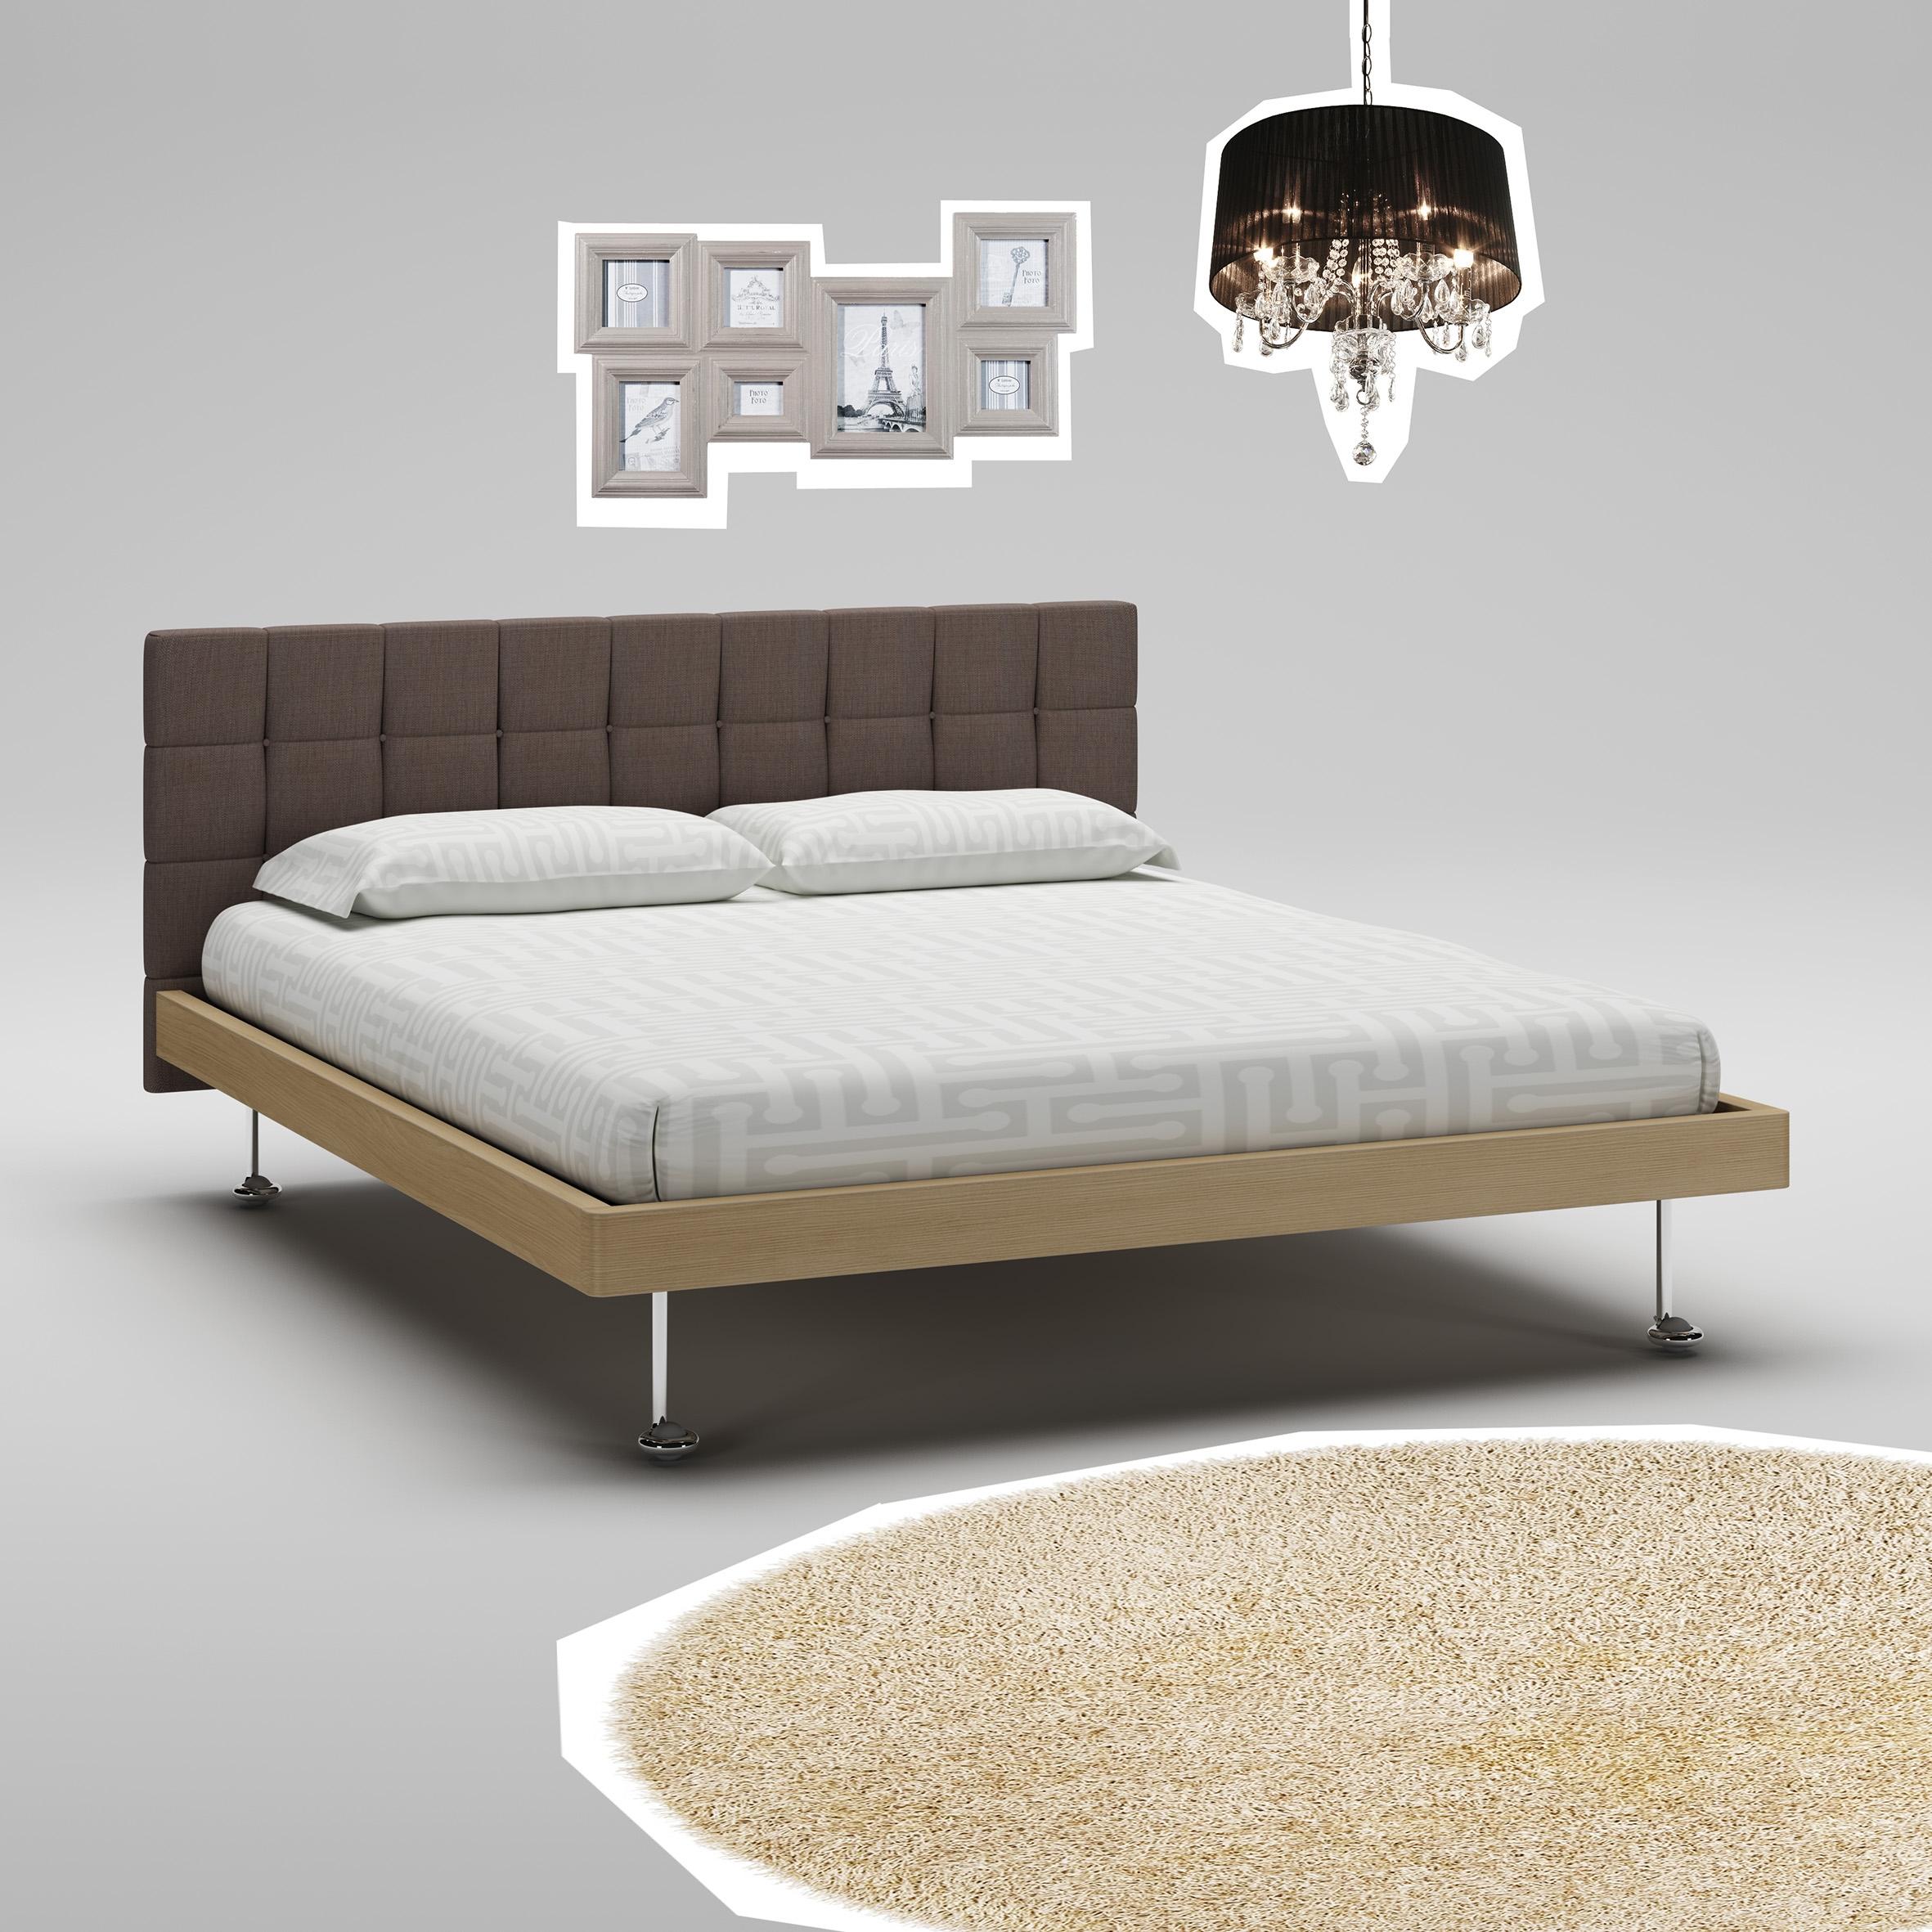 Lit adulte PERSONNALISABLE WL113 de 160 x 200 avec tête de lit rembourrée - MORETTI COMPACT